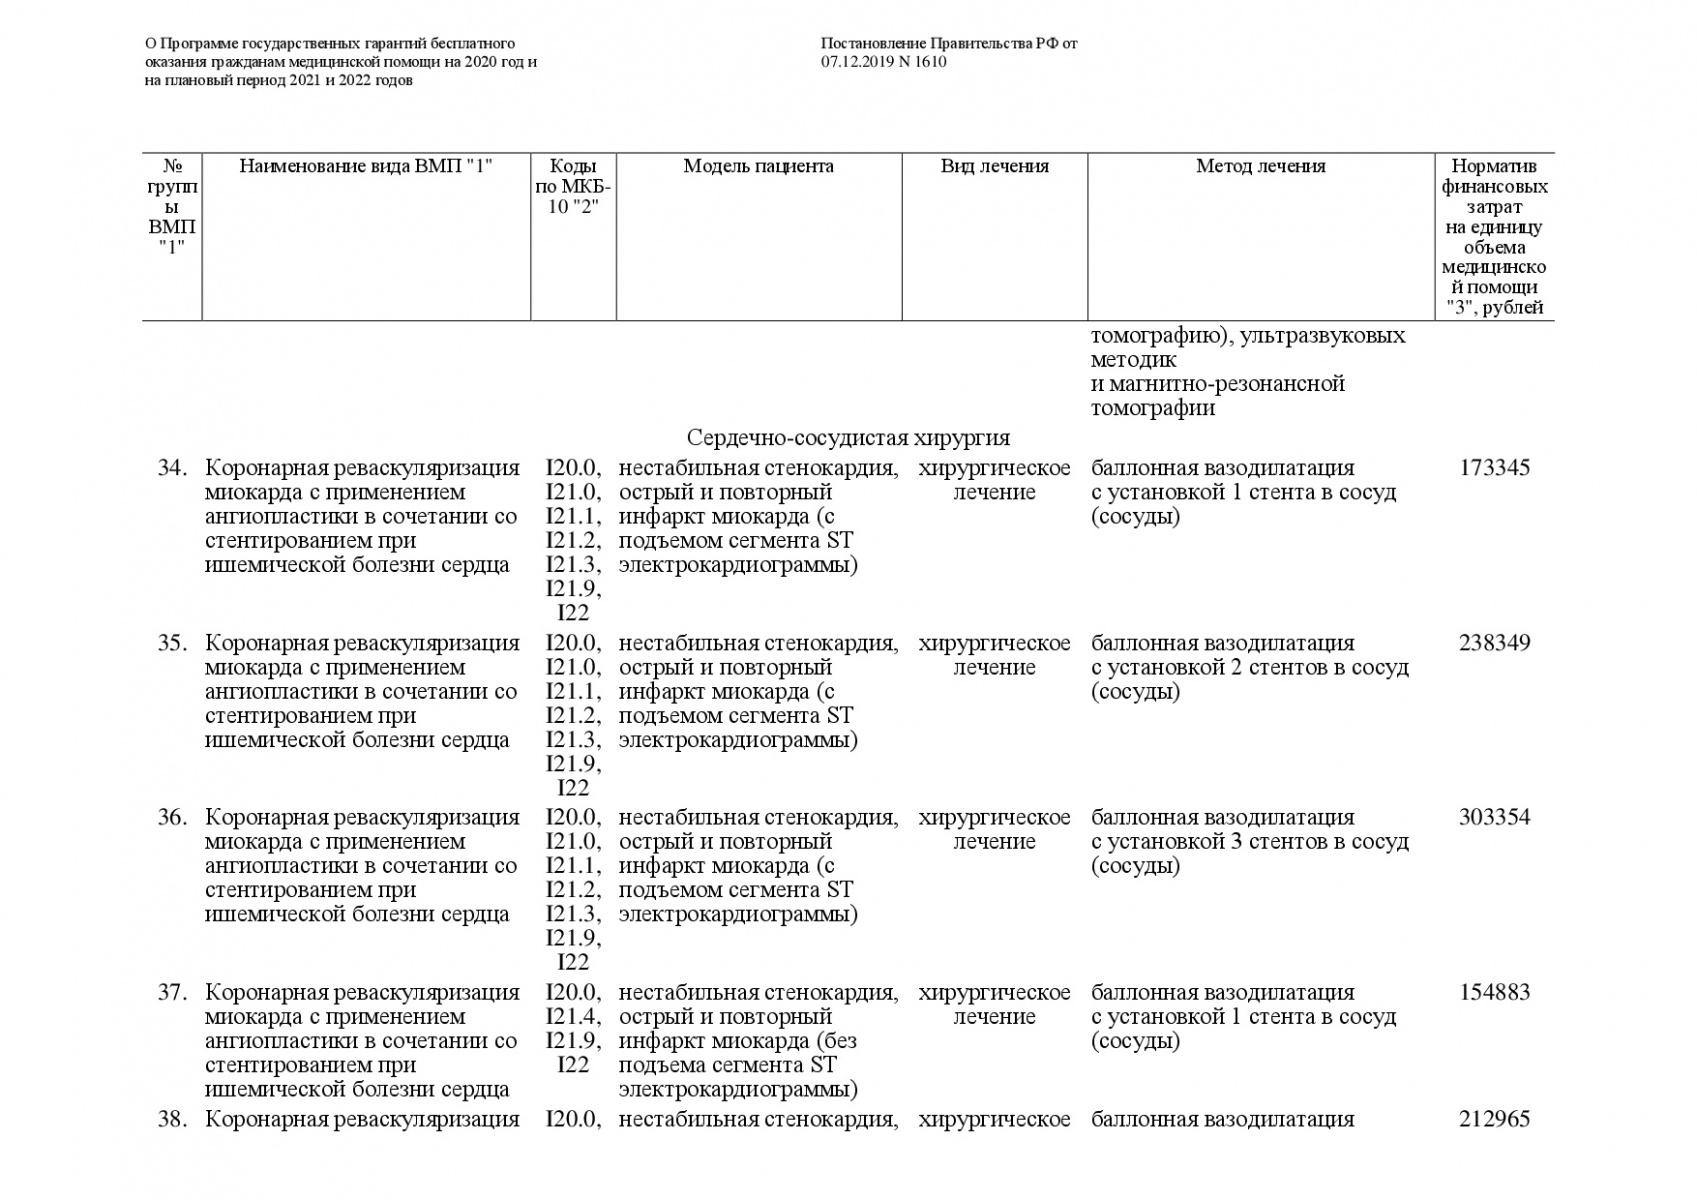 Postanovlenie-Pravitelstva-RF-ot-07_12_2019-1610-O-PGG-120